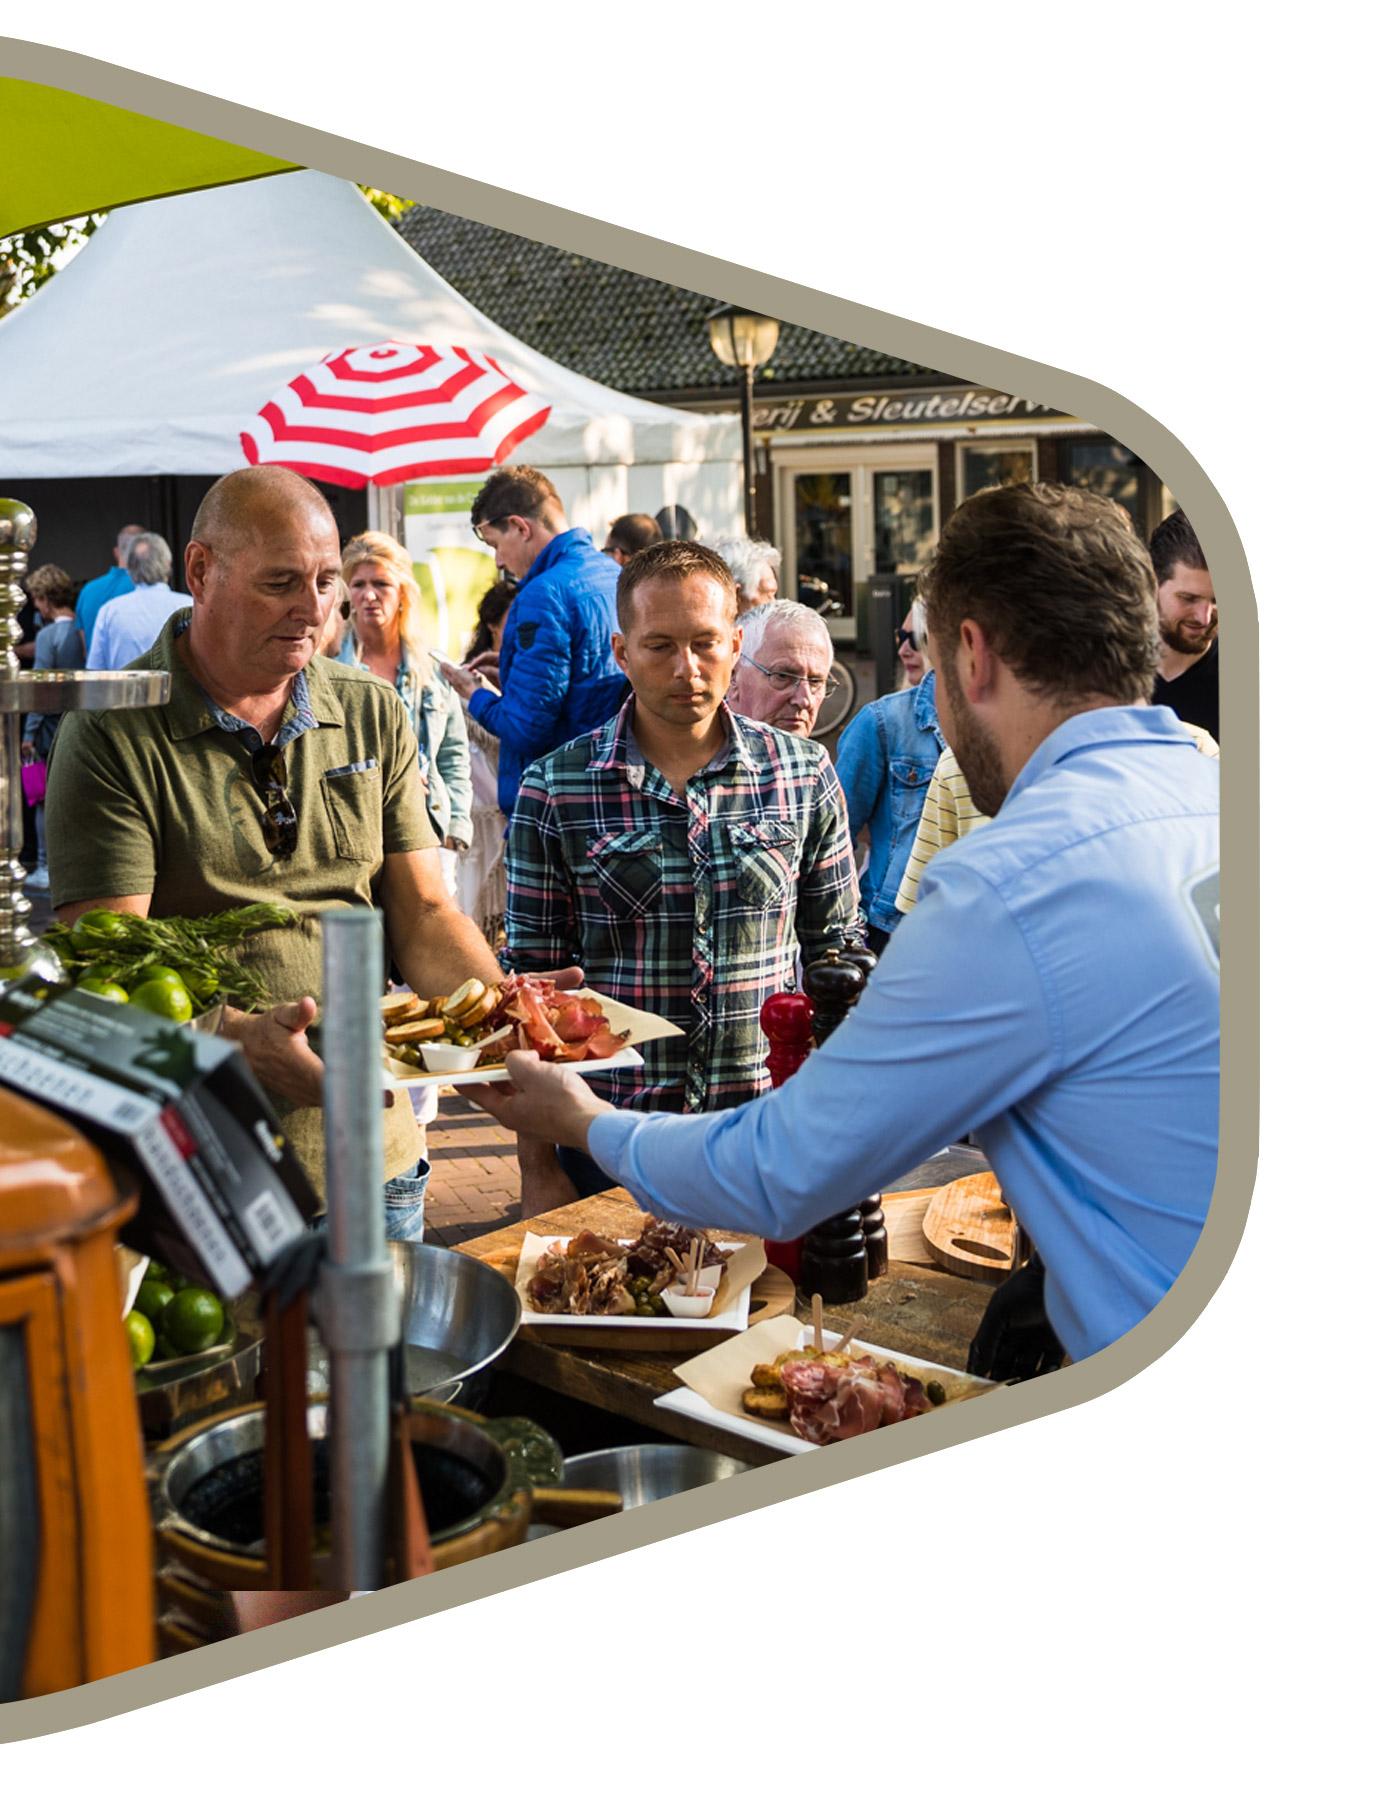 https://dehonneurs.nl/wp-content/uploads/2018/01/de-honneurs-catering-festivalcatering-004.jpg